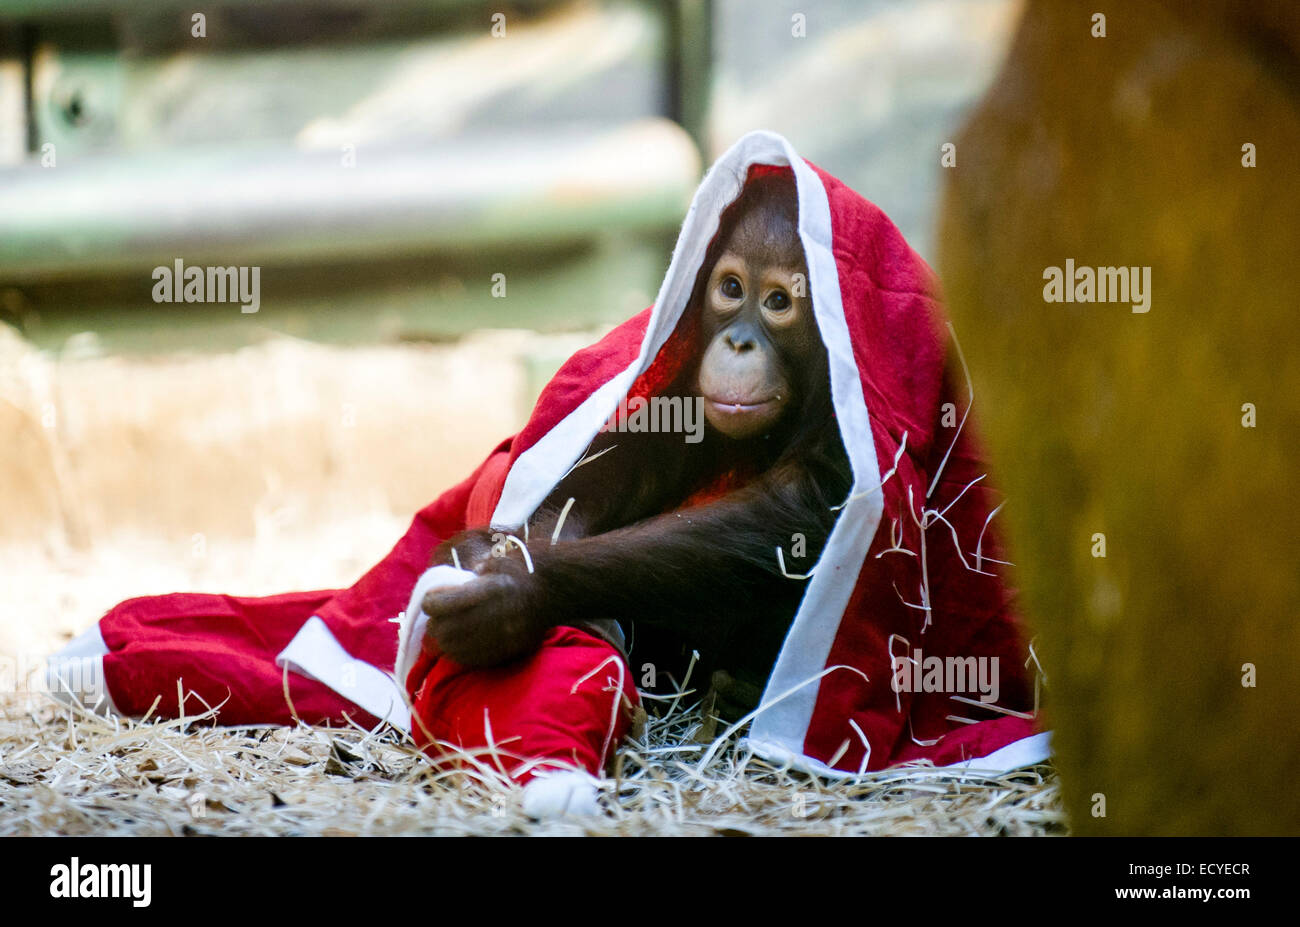 Prag, Tschechische Republik. 21. Dezember 2014. Ein Orang-Utan Baby ...